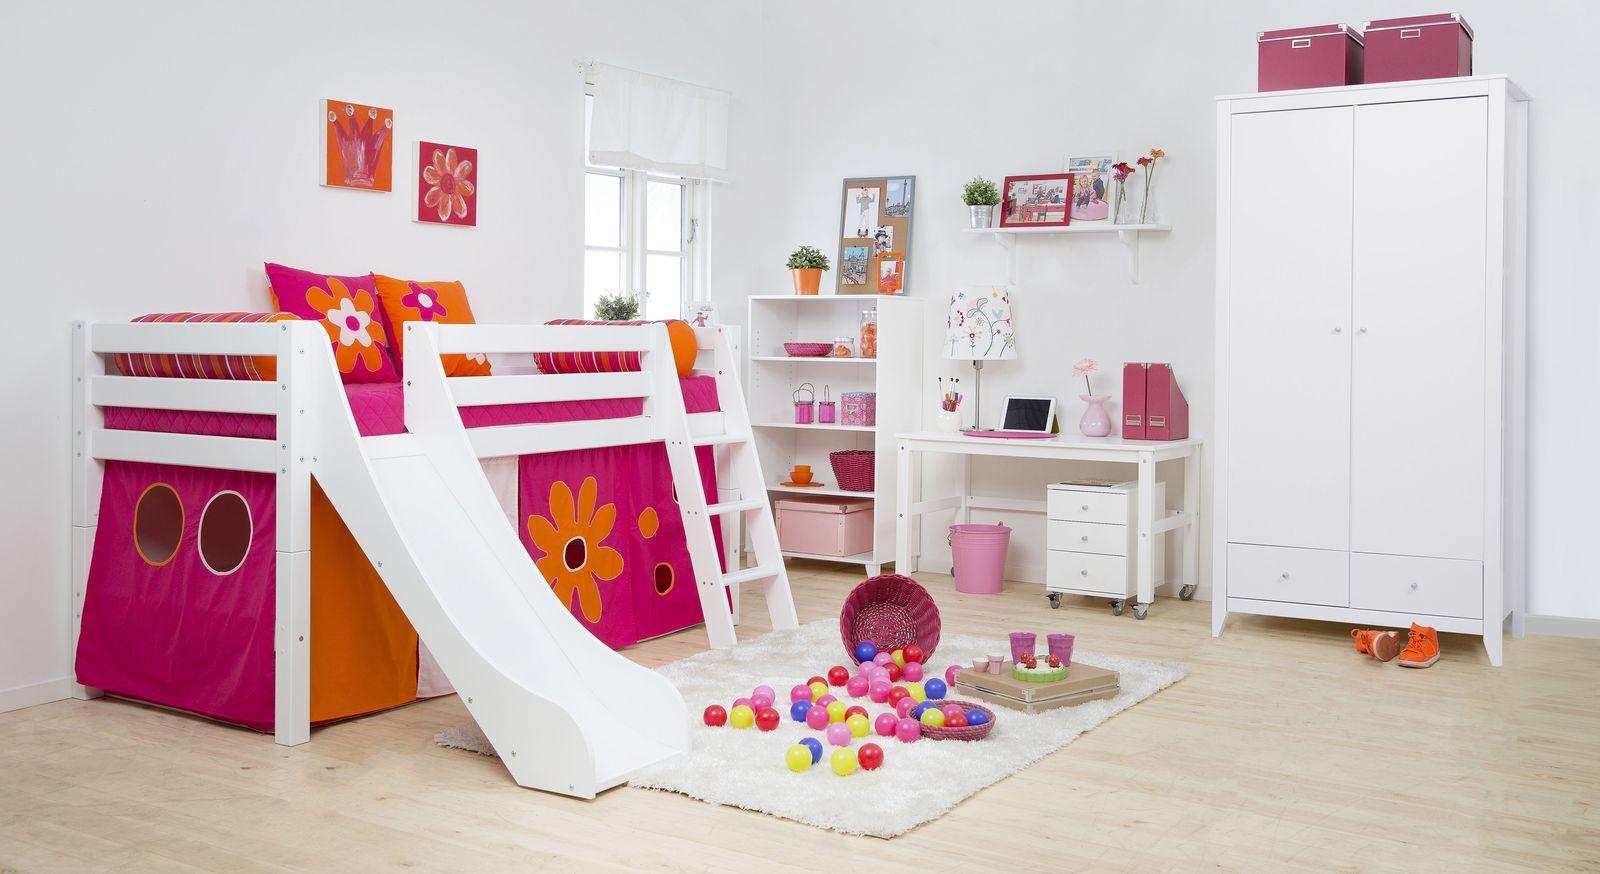 hochbett mit rutsche f r m dchen kaufen kids royality. Black Bedroom Furniture Sets. Home Design Ideas